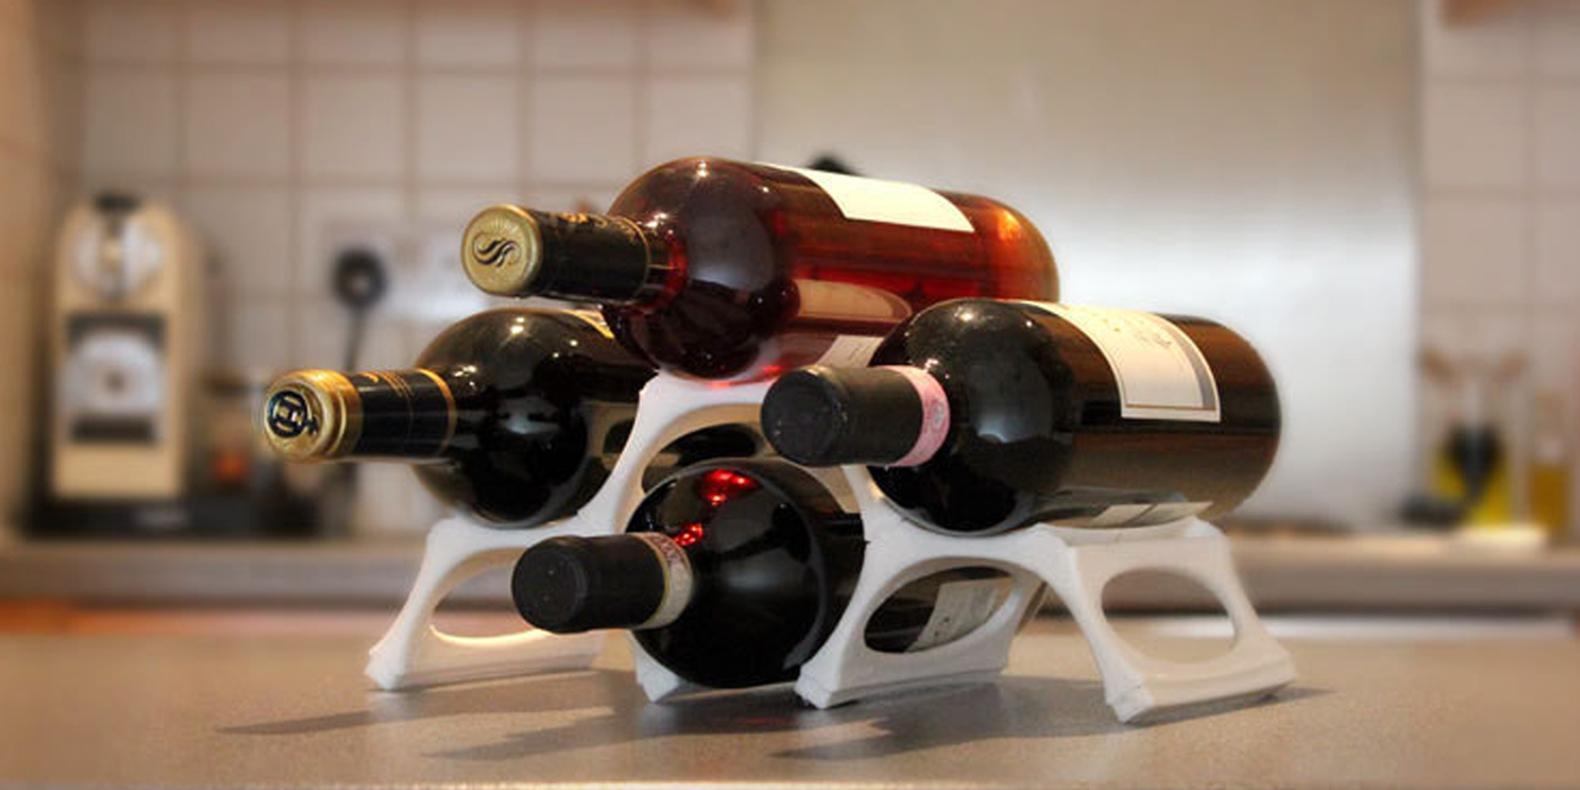 Encuentre aquí una selección de los mejores modelos 3D por el vino para hacer con una impresora 3D